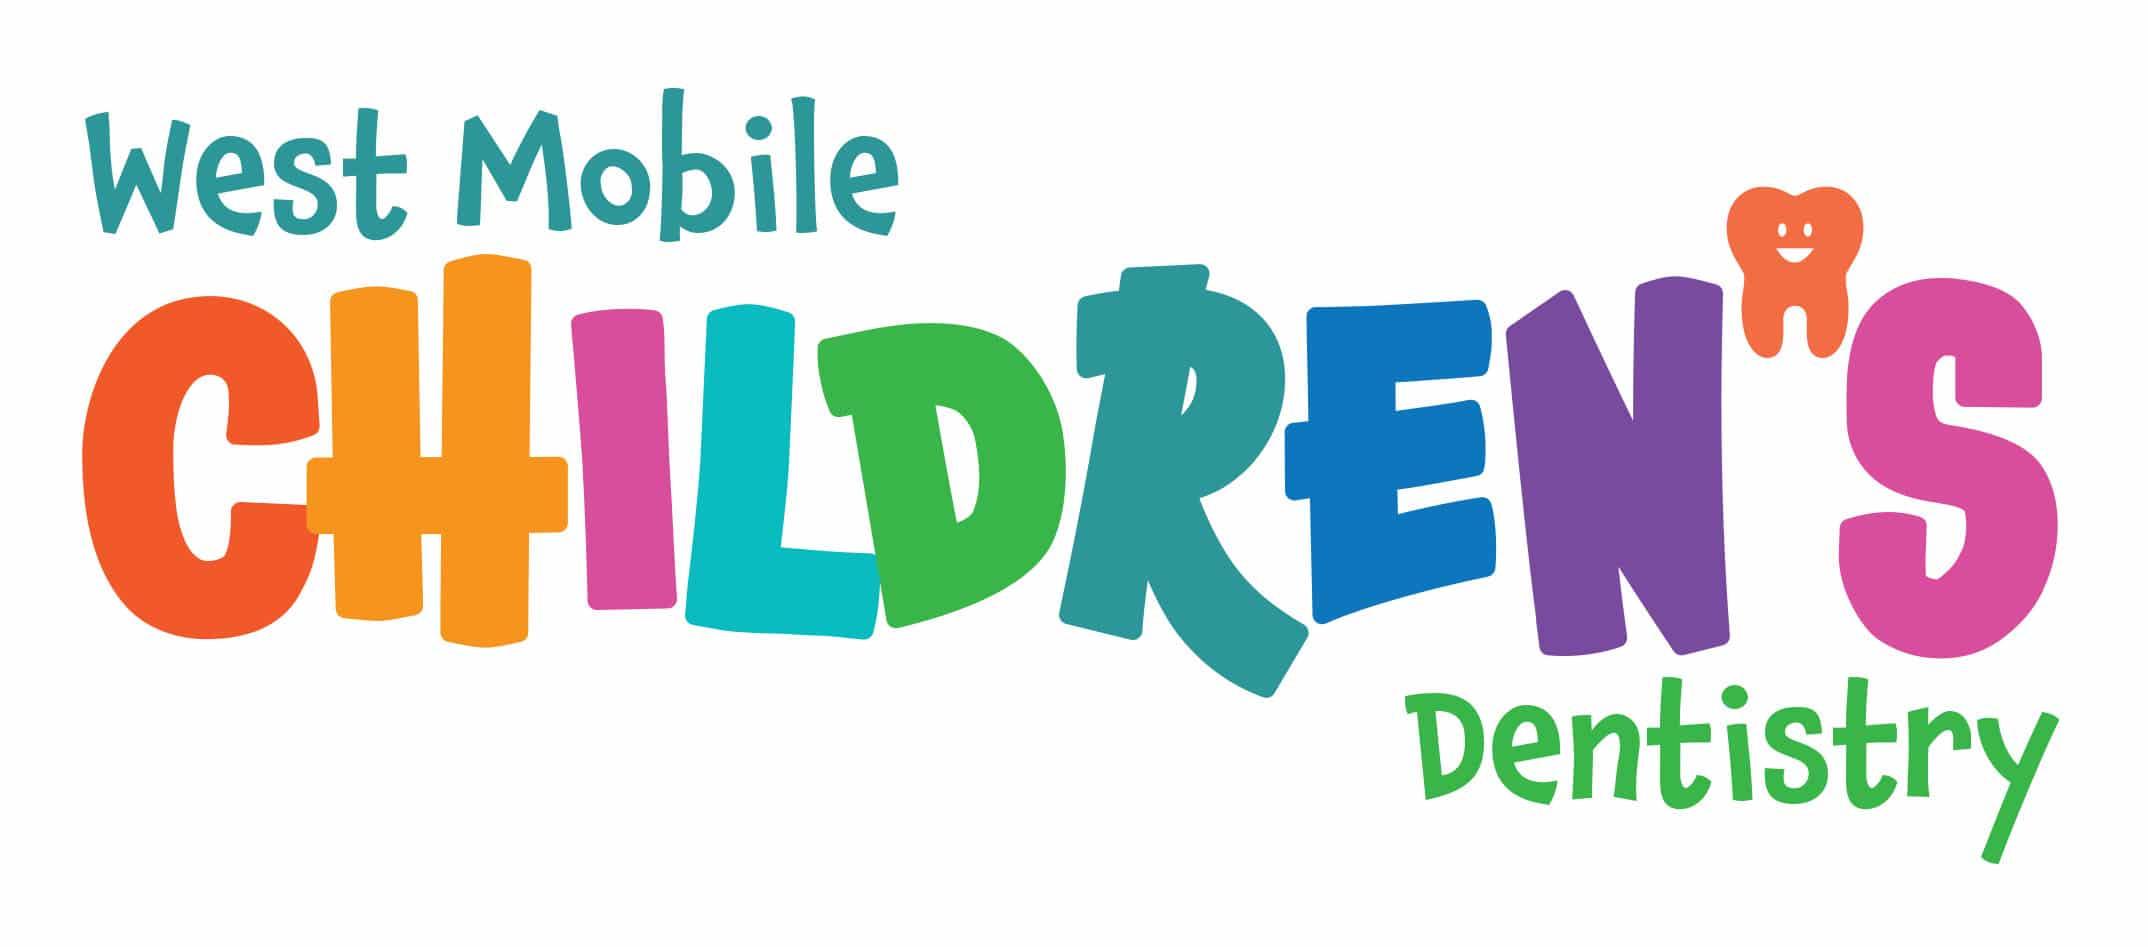 West Mobile Children's Dentistry Logo - REV5